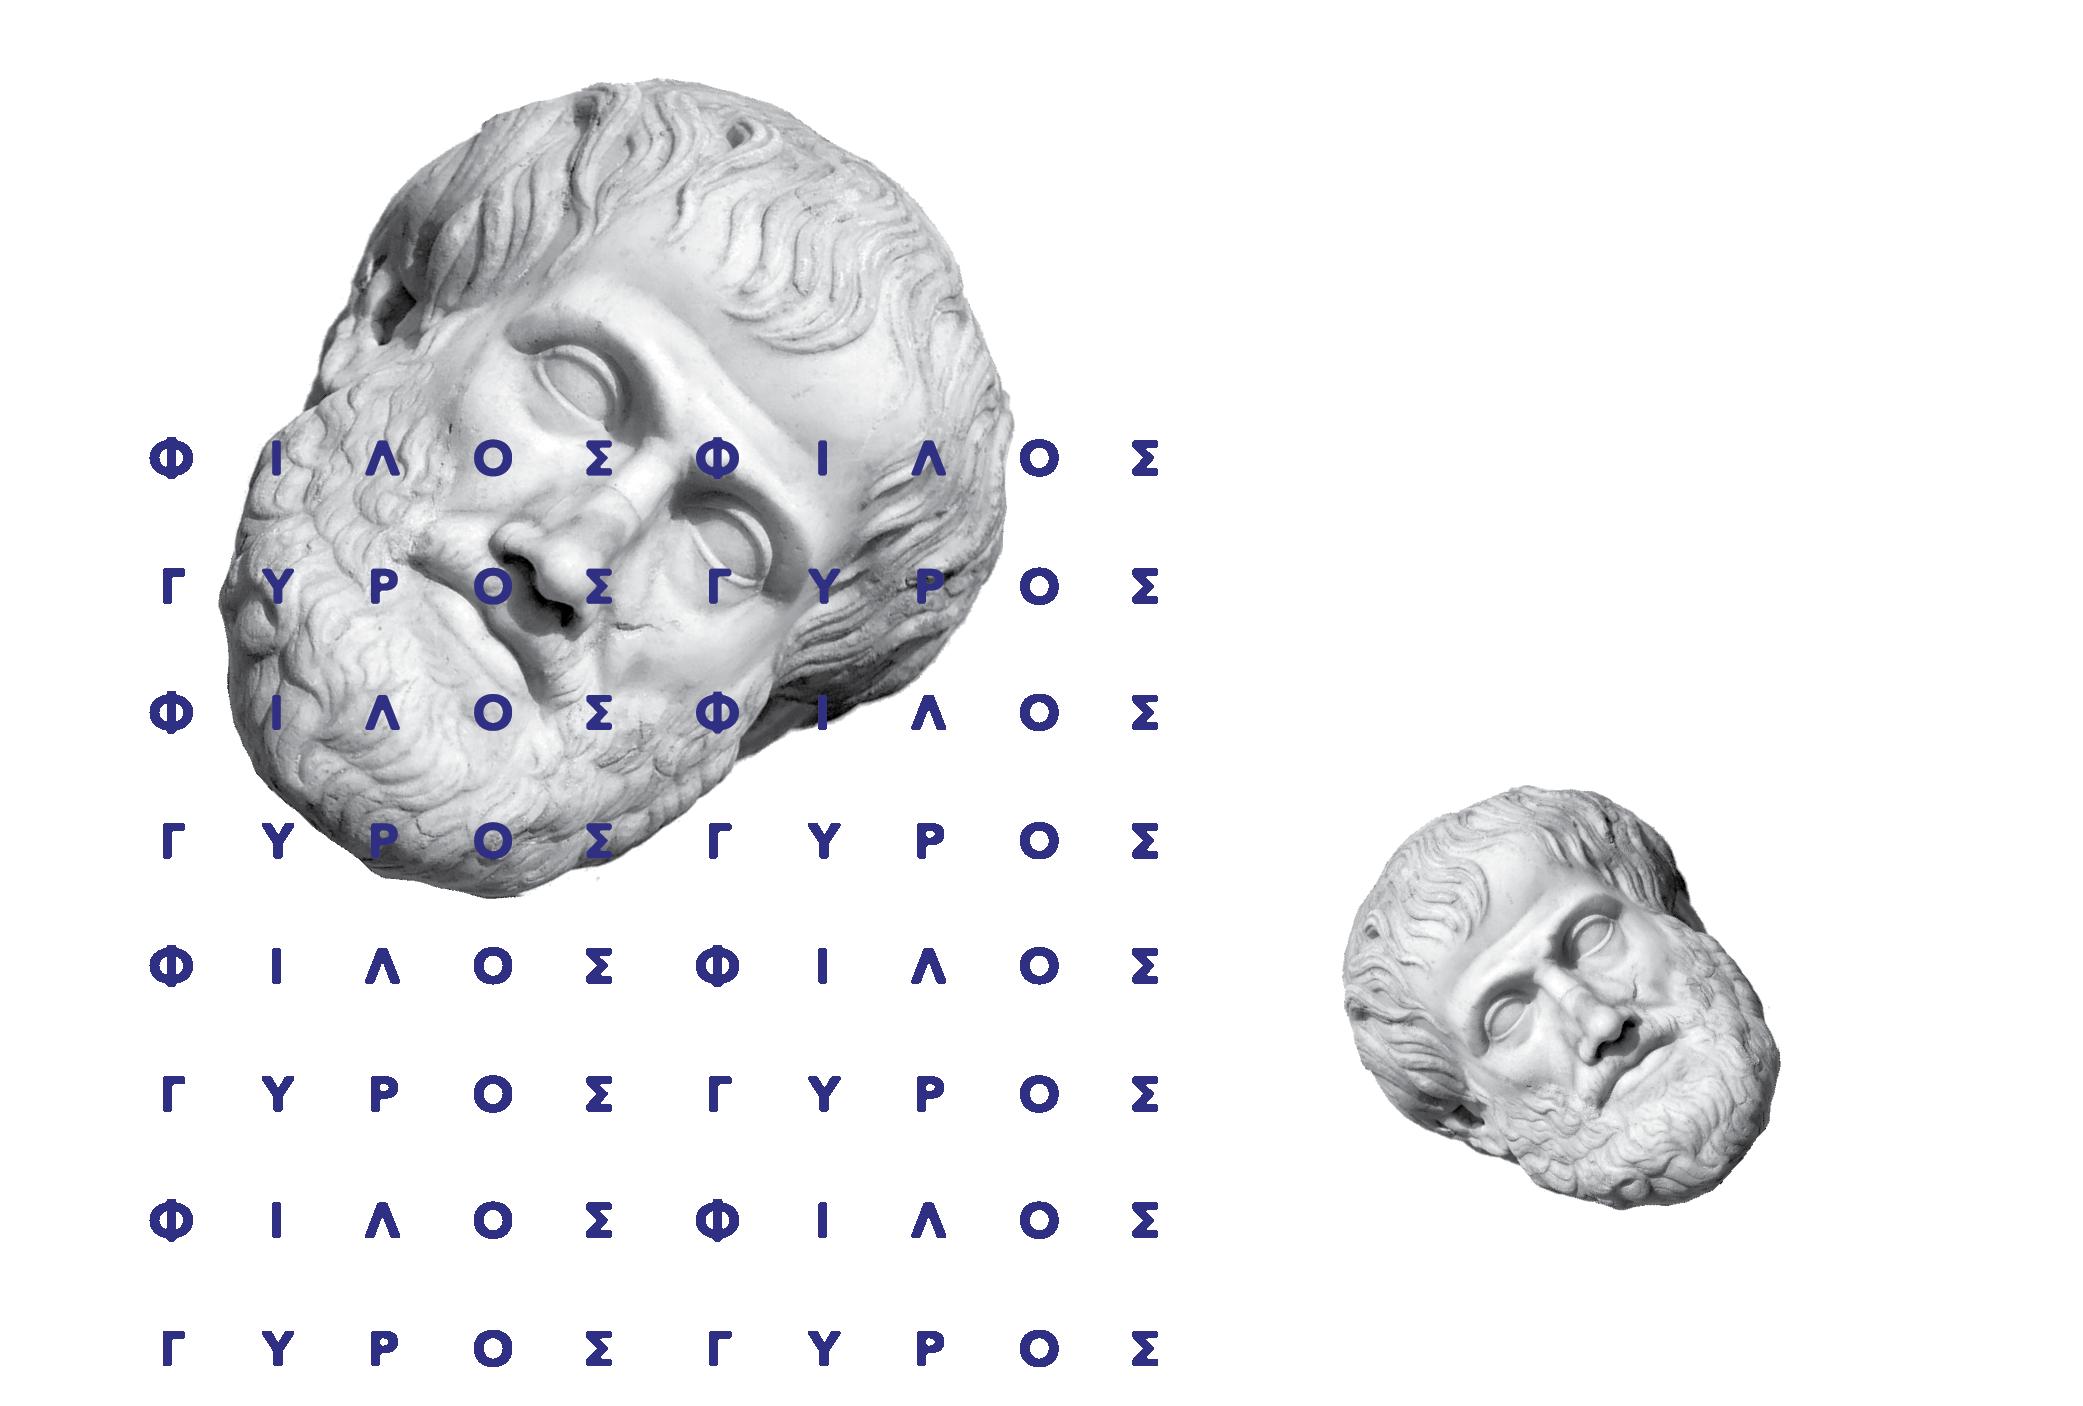 Filos & Yiros